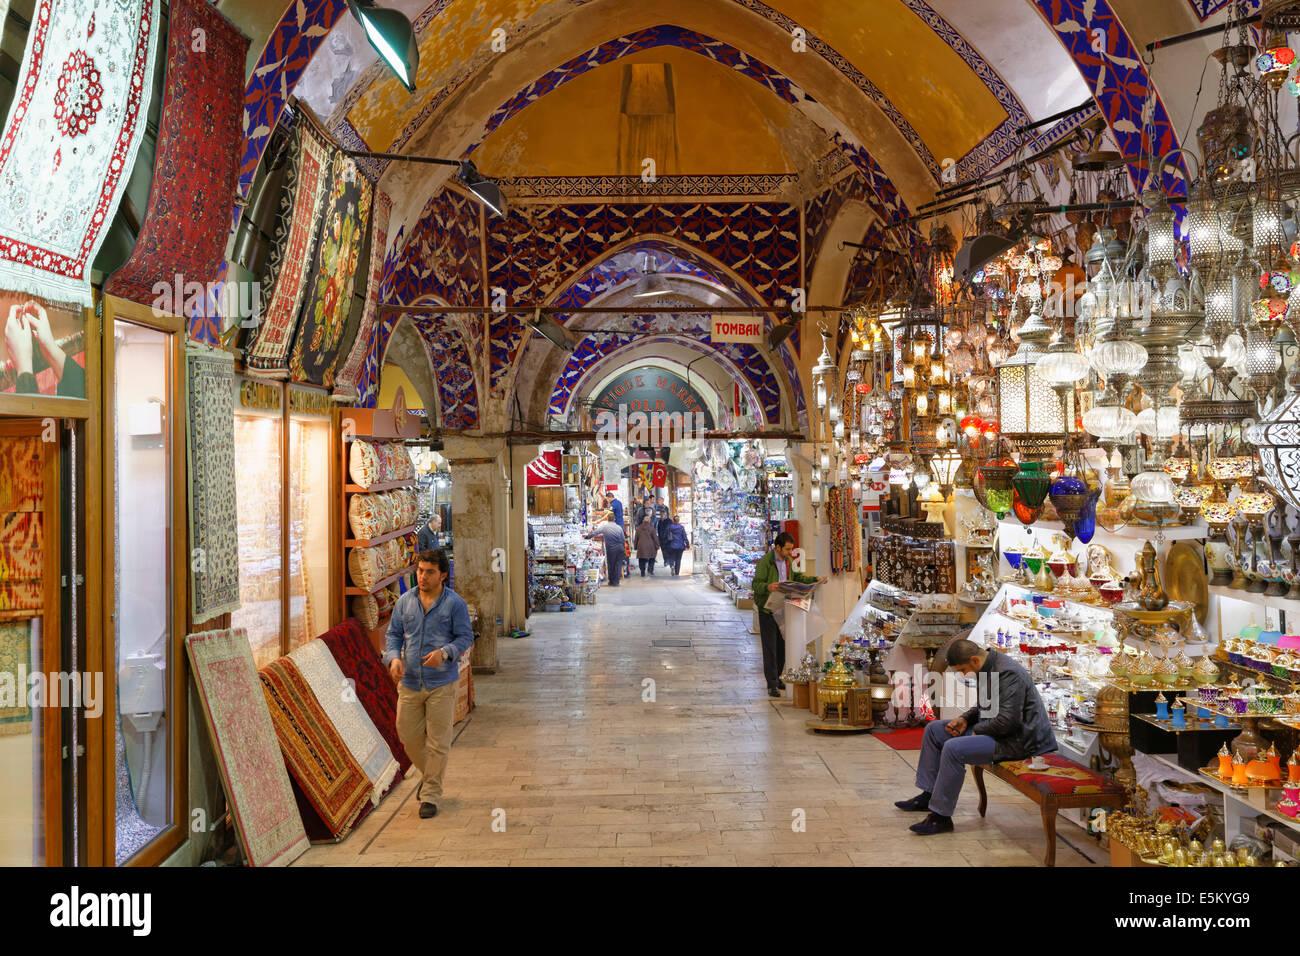 Grand Bazaar or Kapalı Çarşı, Beyazit, European part, Istanbul, Turkey - Stock Image